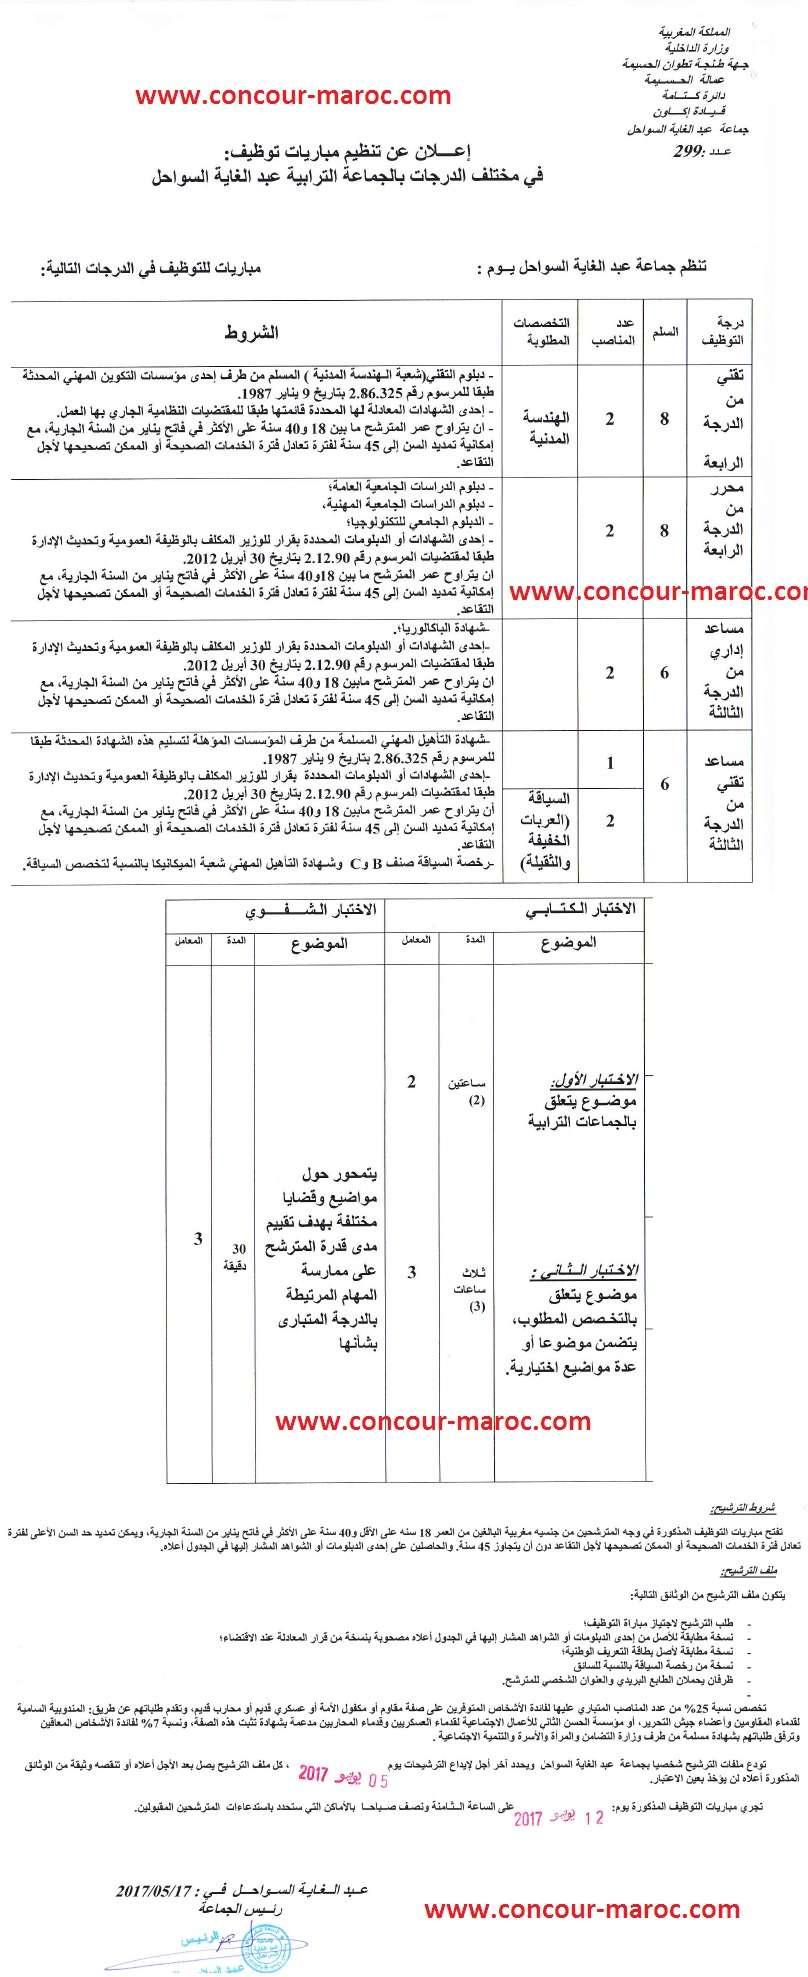 جماعة عبد الغاية السواحل (إقليم الحسيمة) :  مباراة توظيف في مختلف الدرجات (09 مناصب) آخر أجل لإيداع الترشيحات 5 يونيو 2017 Conco110